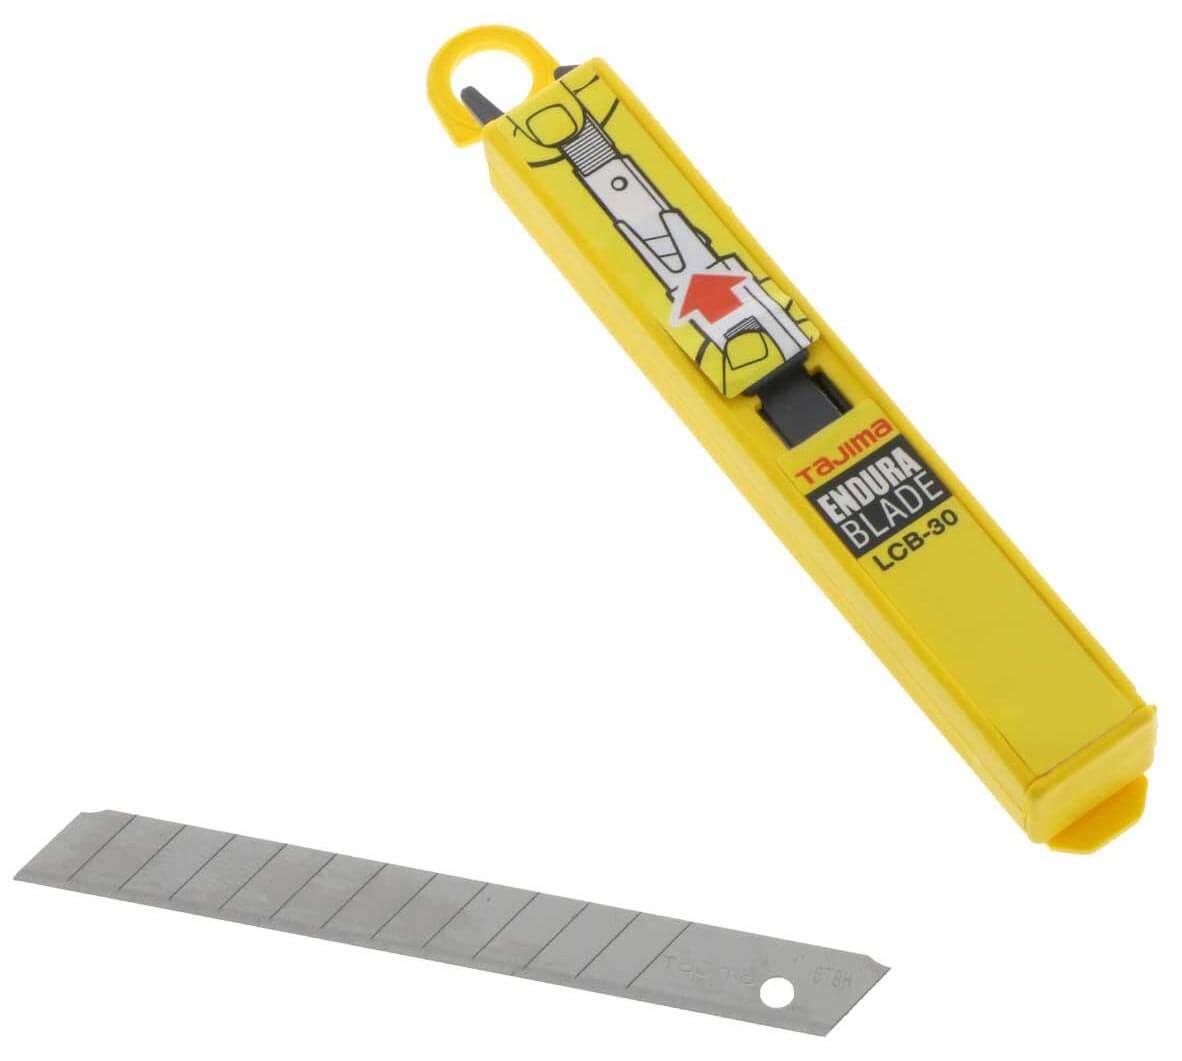 K061-Cuttermesser-Klinge-9mm-Tajima-LCB-30-Verpackung-CURT-tools_1100